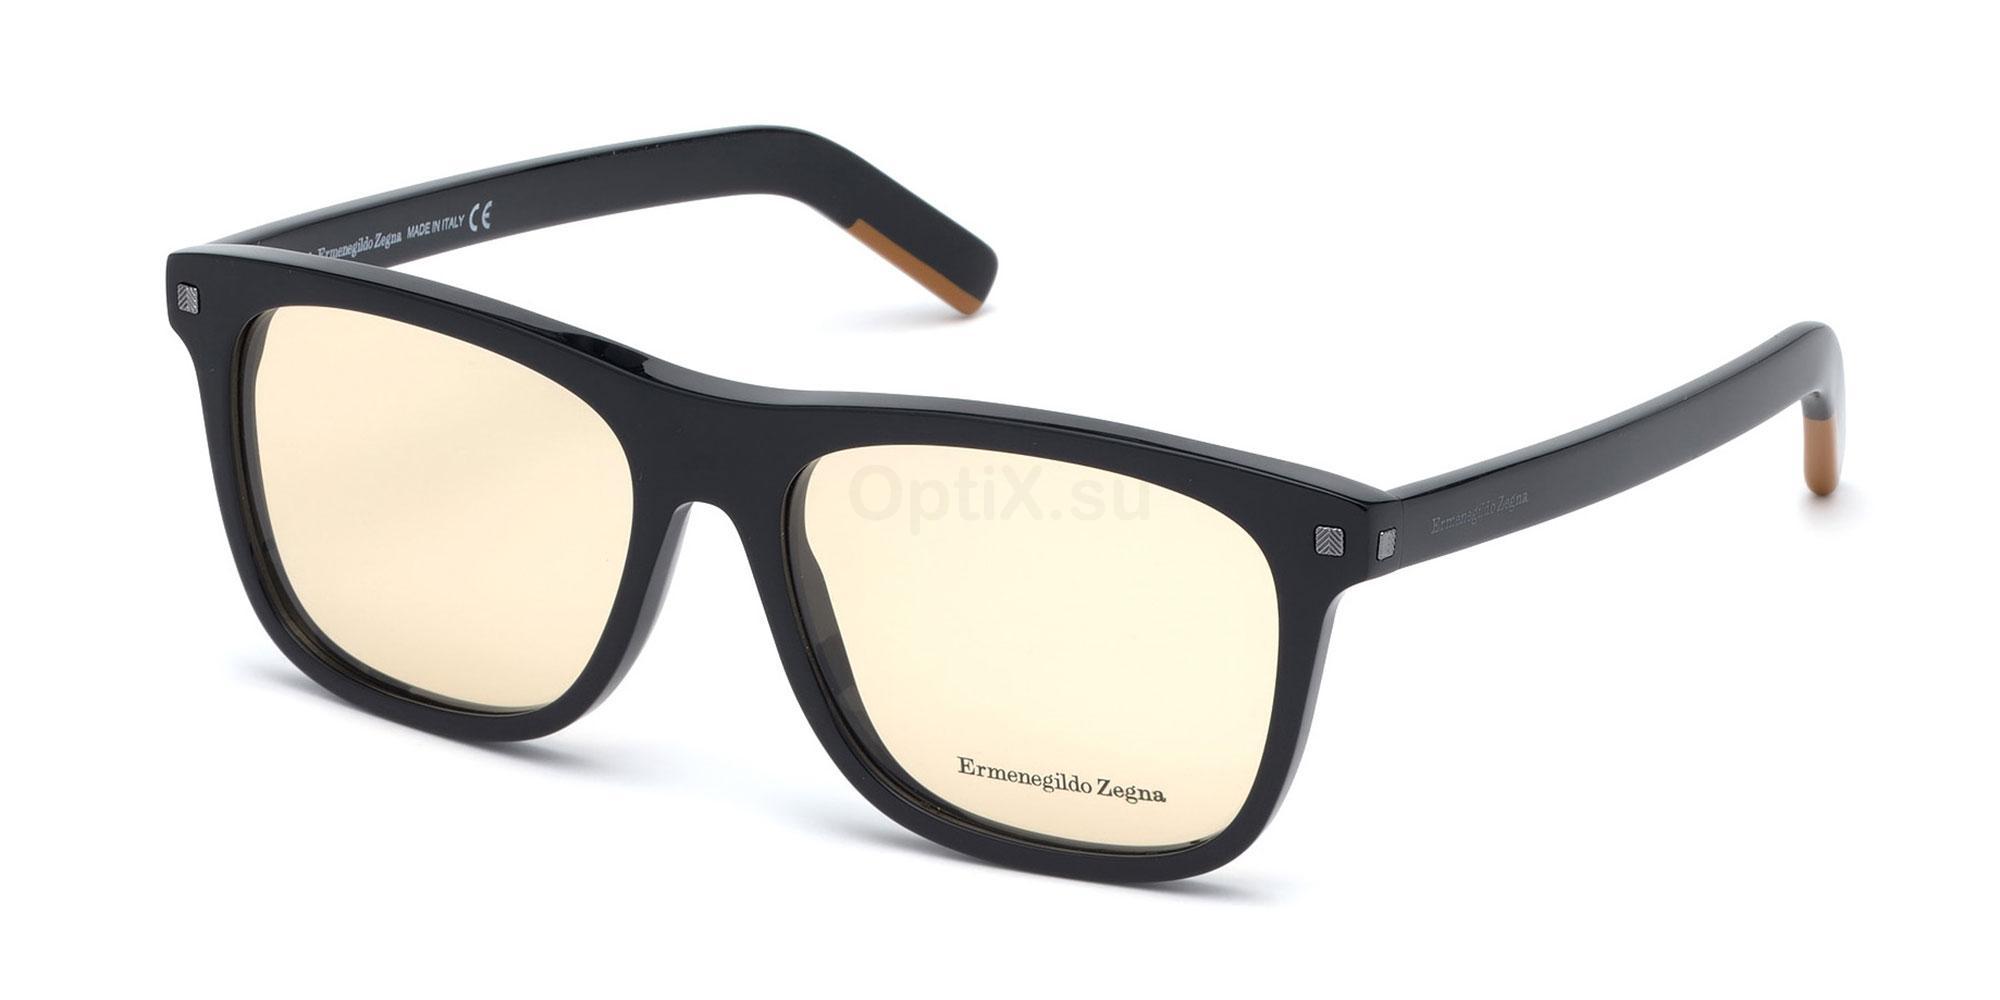 001 EZ5146 Glasses, Ermenegildo Zegna